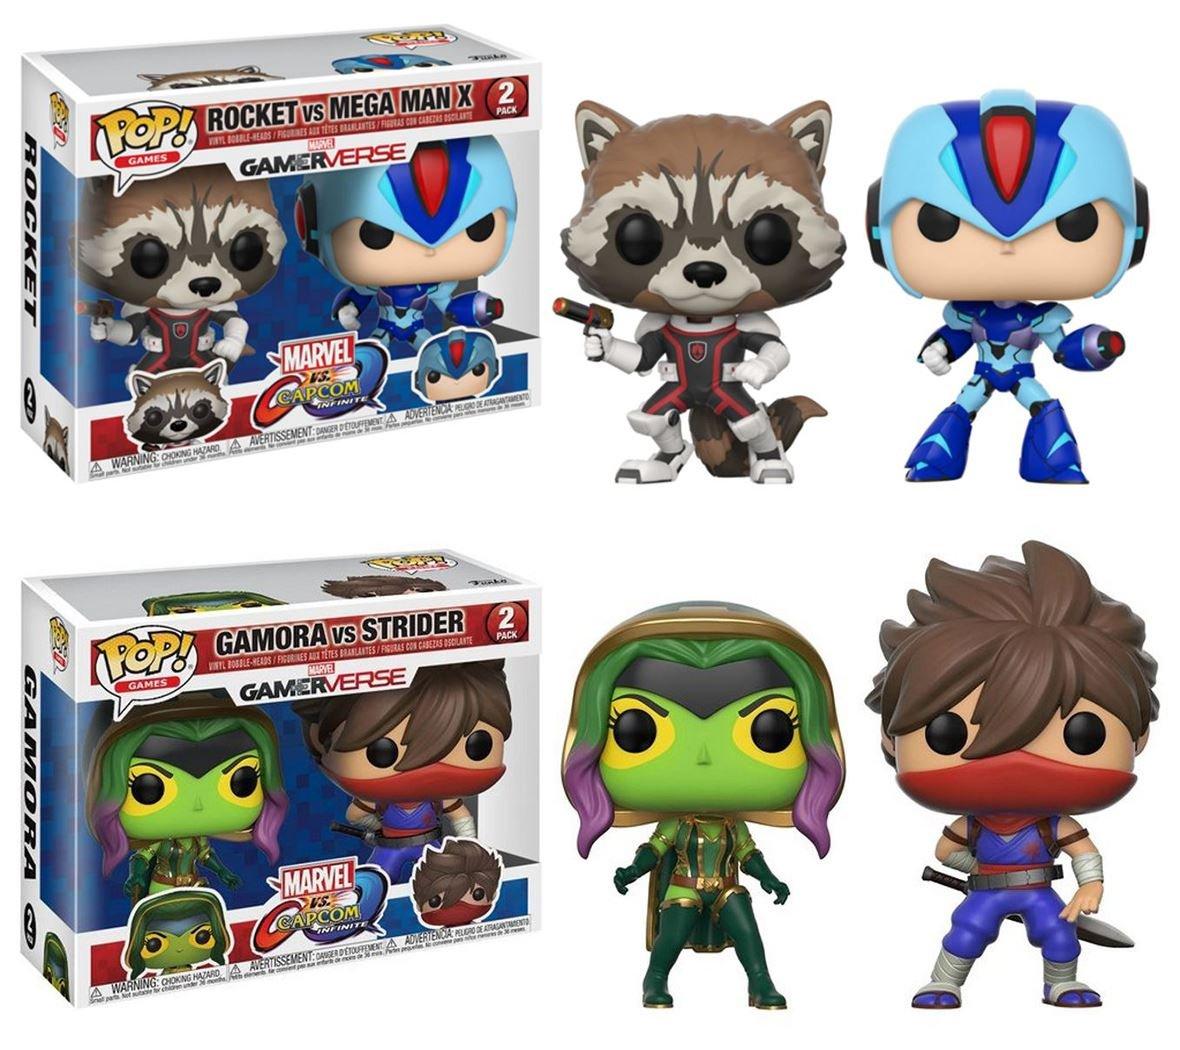 FunkoPOP Marvel vs Capcom  Rocket vs Mega Uomo X + Gamora vs Strider – Stylized Vinyl Bobble-Head Figure Bundle Set